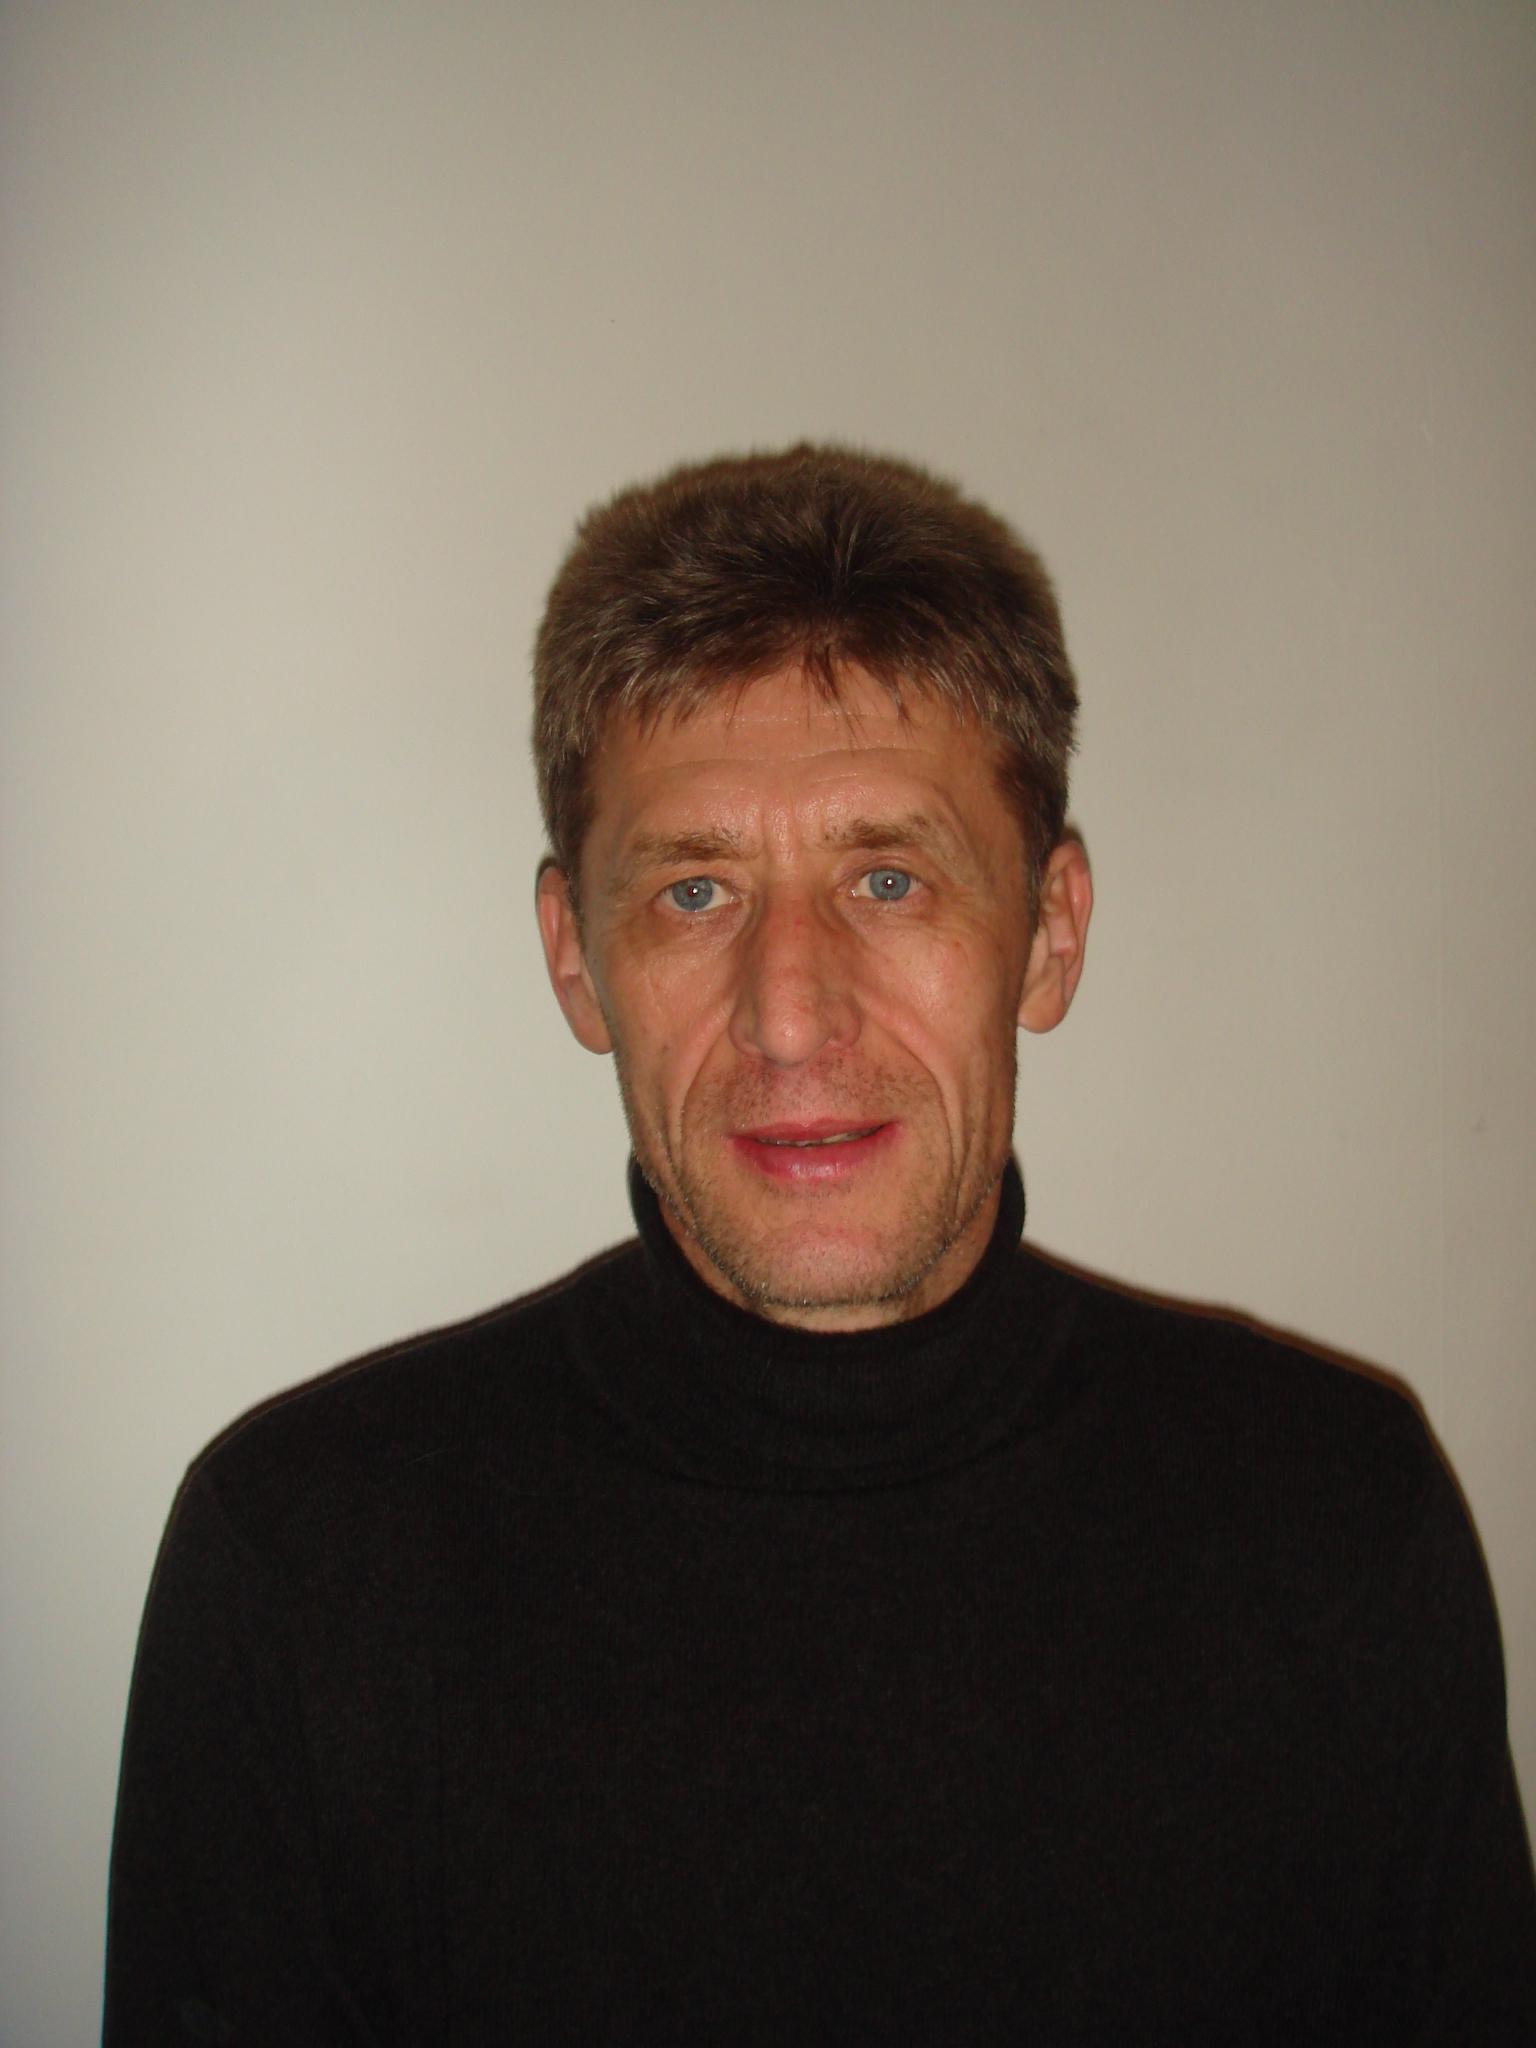 Балтача Сергей Павлович